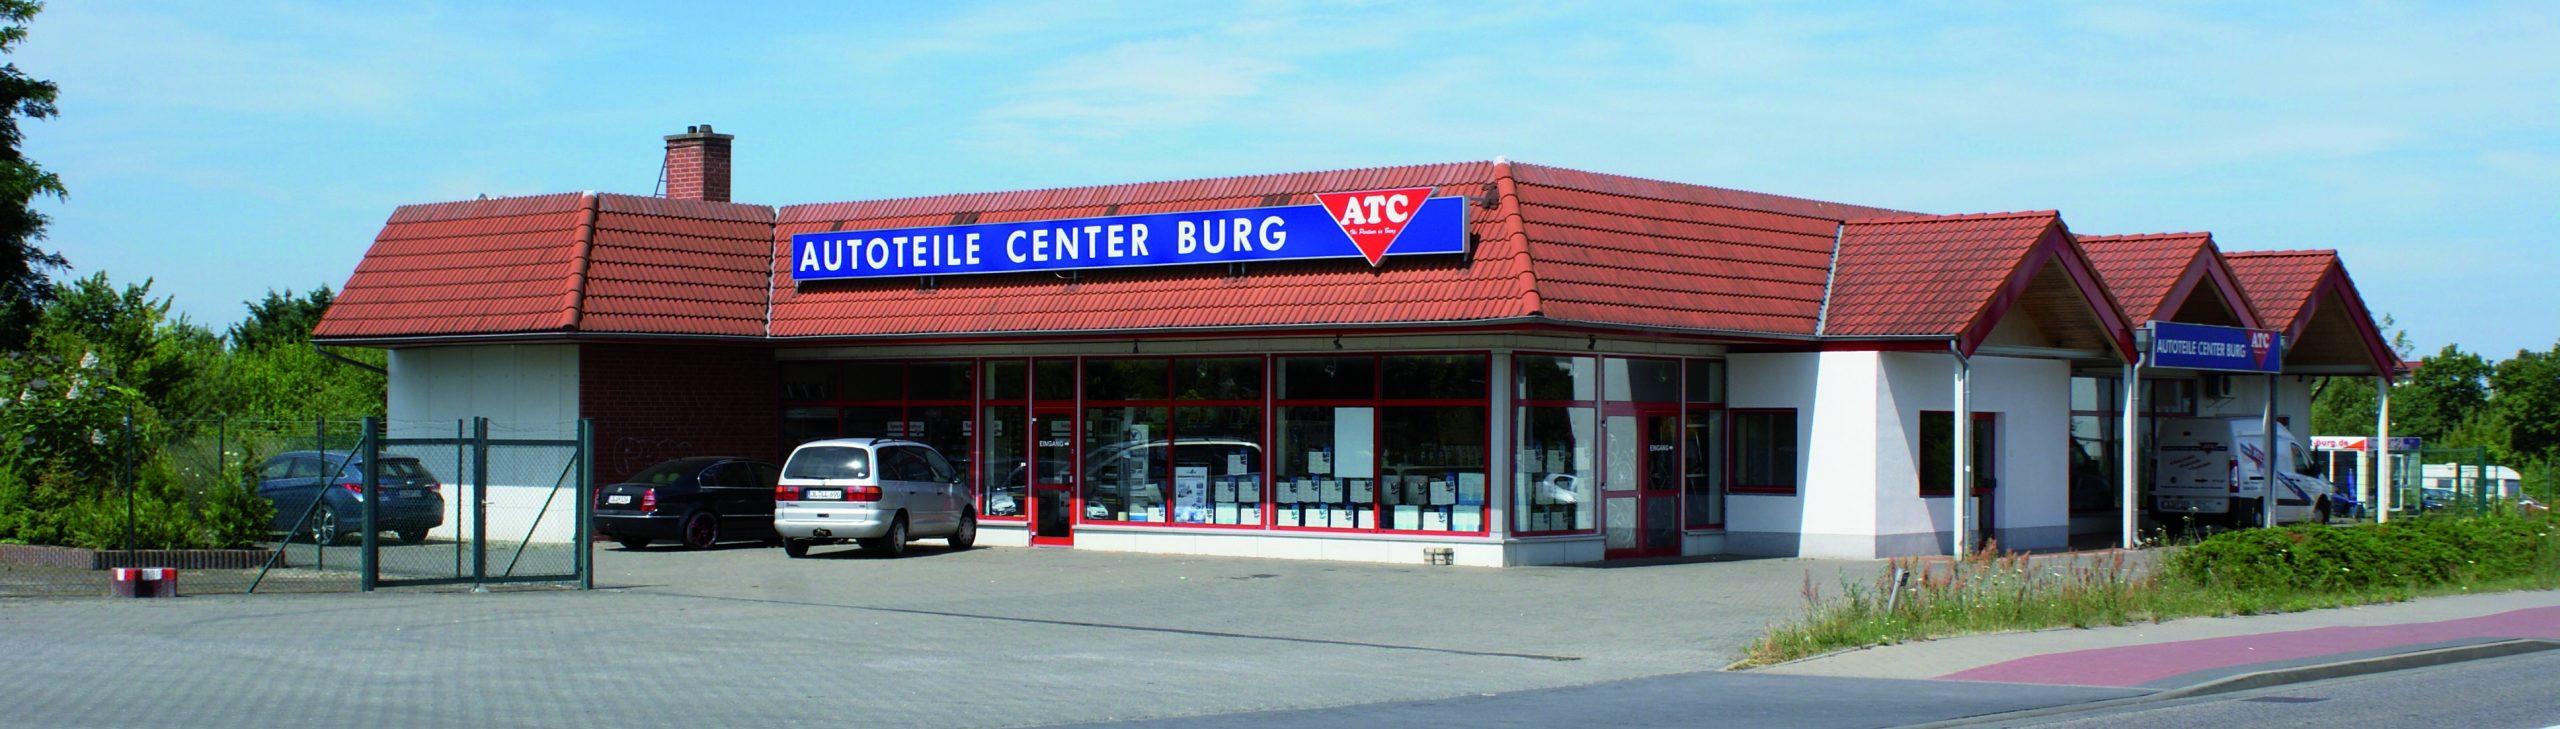 Autoteile Center Burg - unser Geschäft